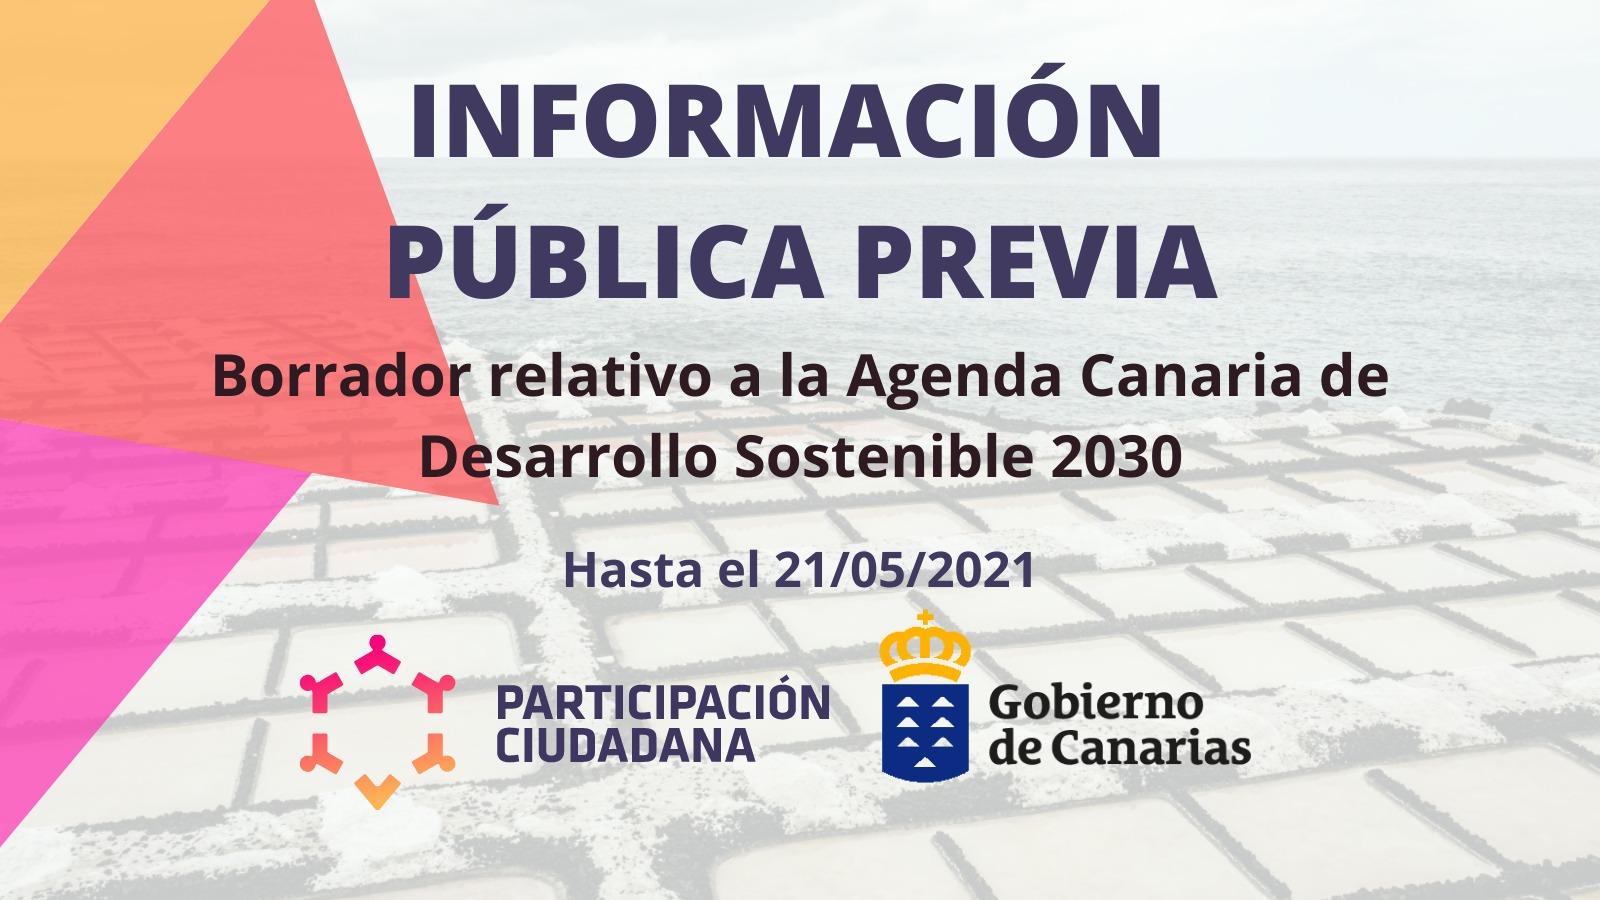 Agenda Canaria de Desarrollo Sostenible 2030